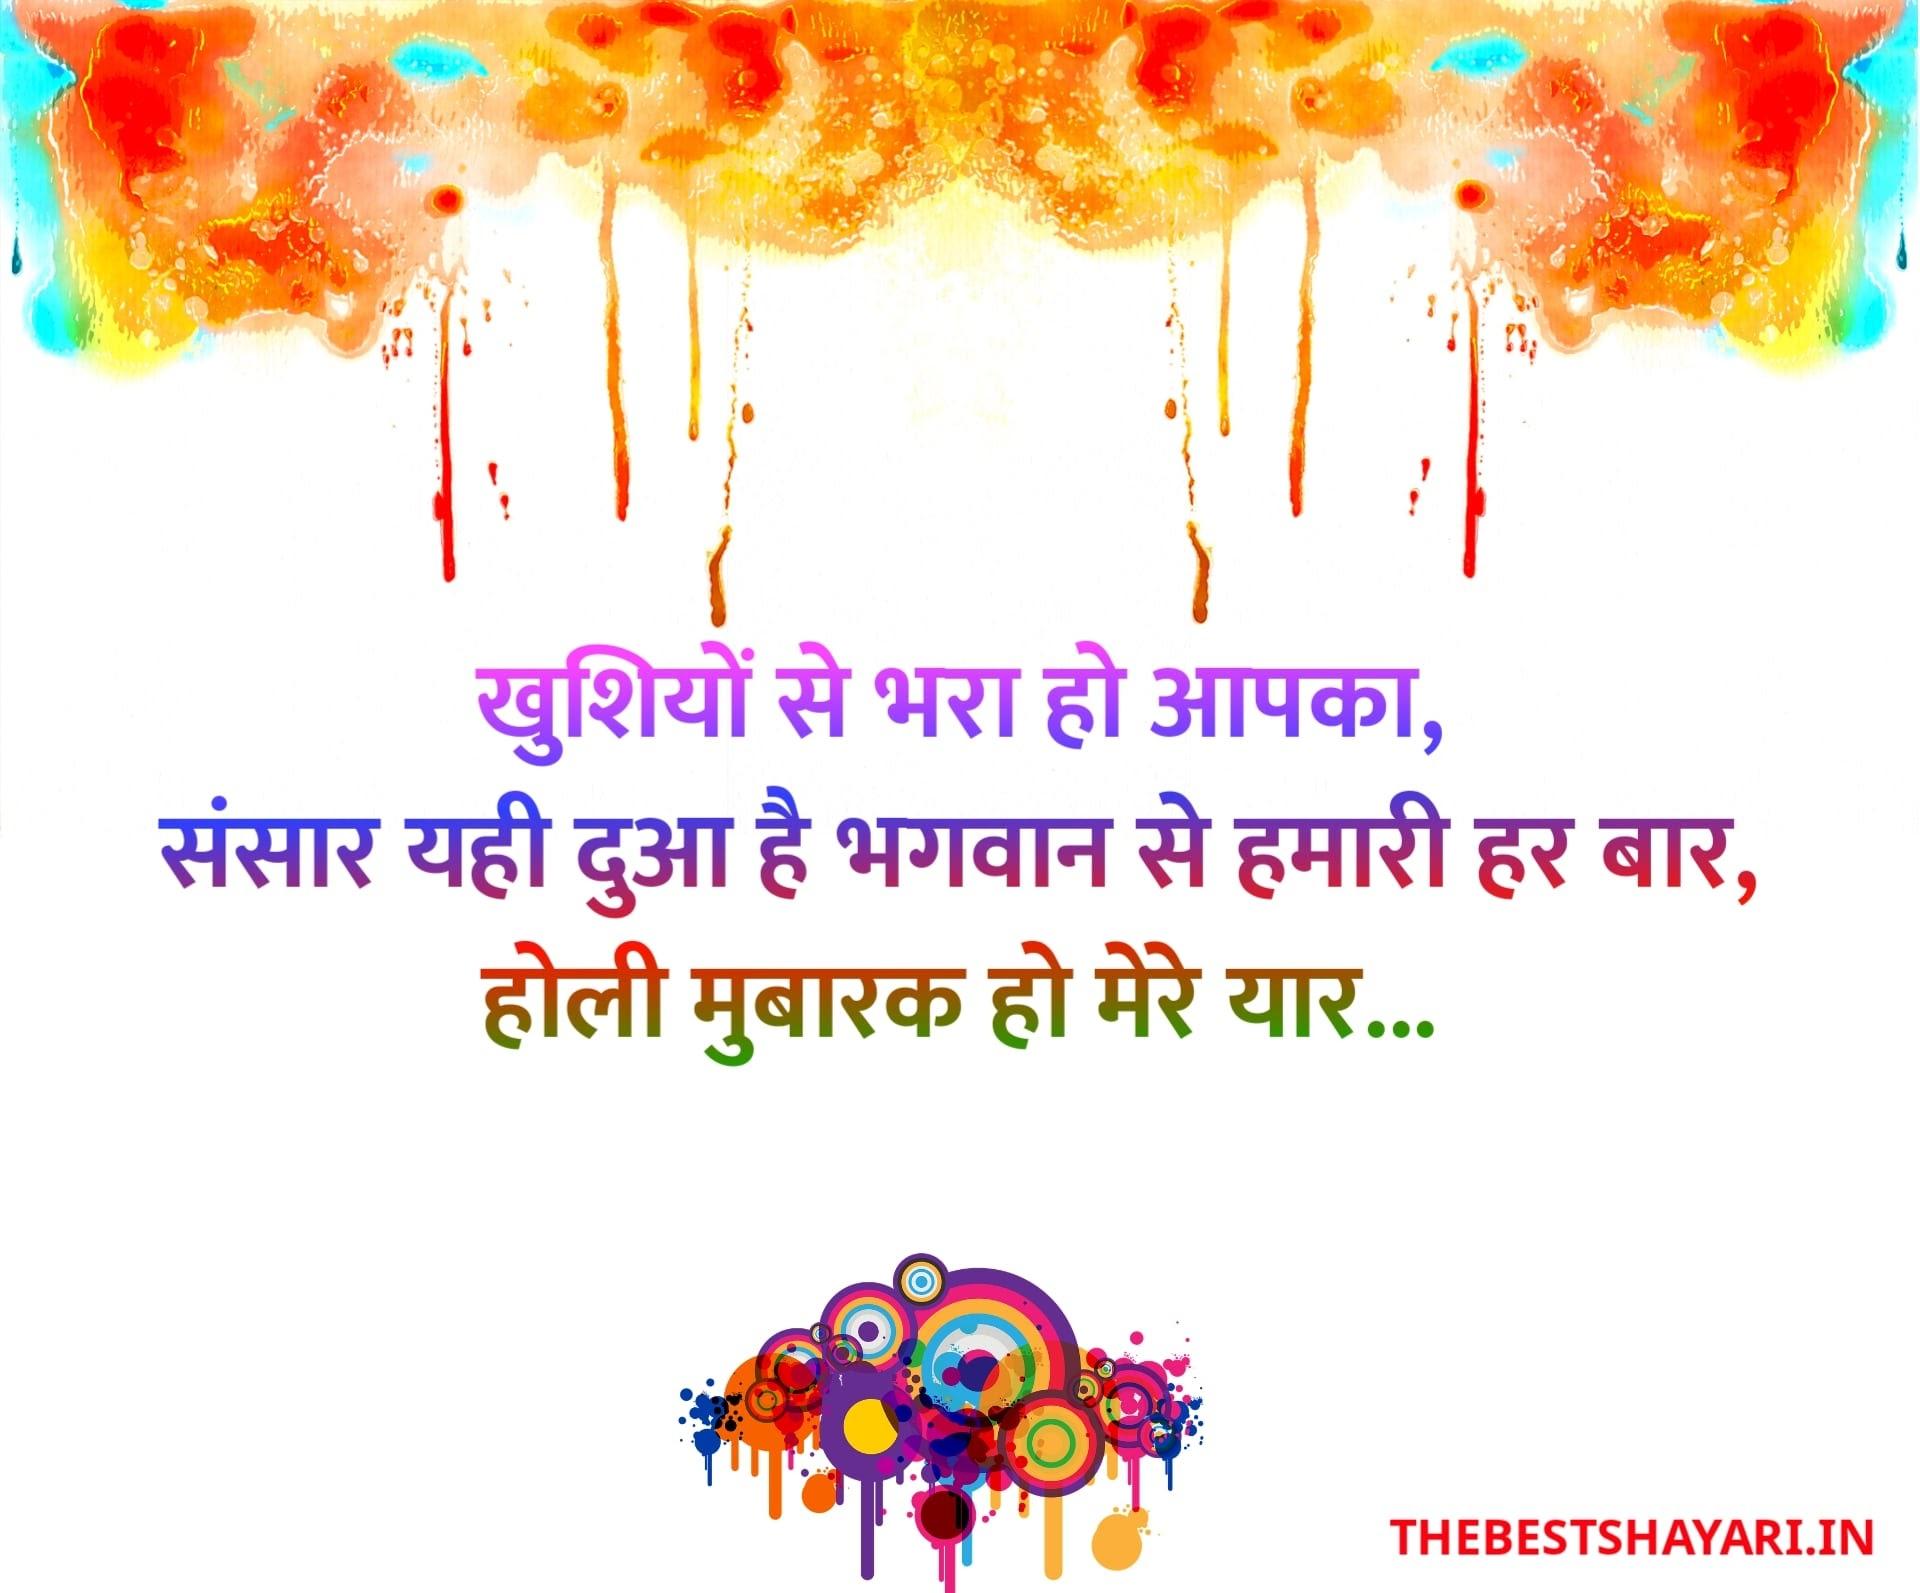 Holi shayari image 2